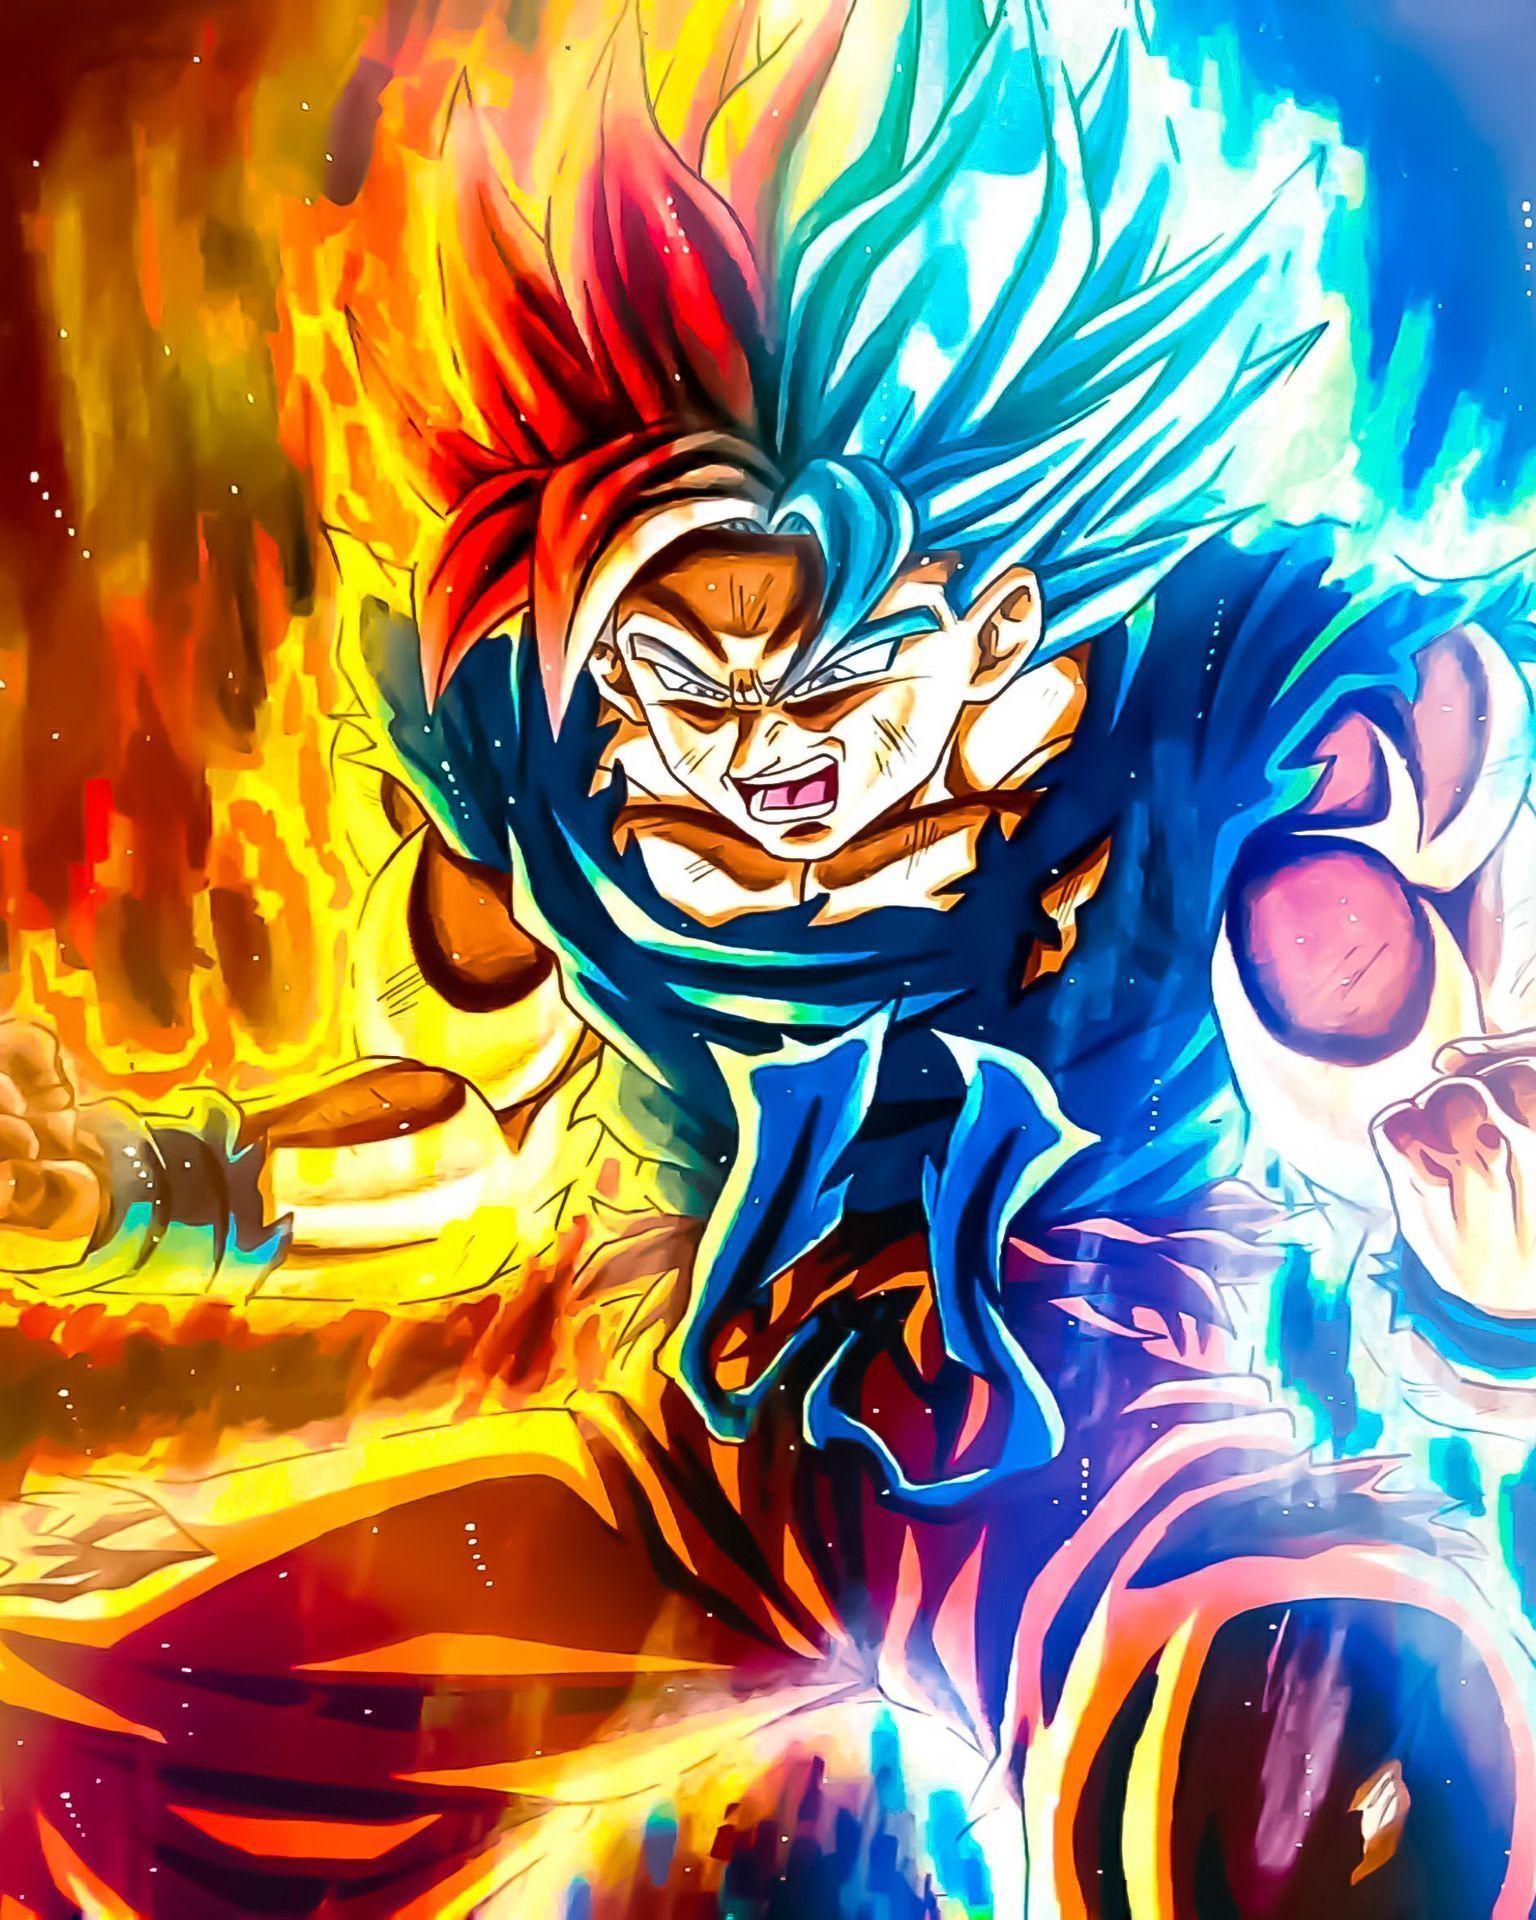 Son Goku Goku Anime Dragon Ball Super Anime Dragon Ball Dragon Ball Wallpaper Iphone